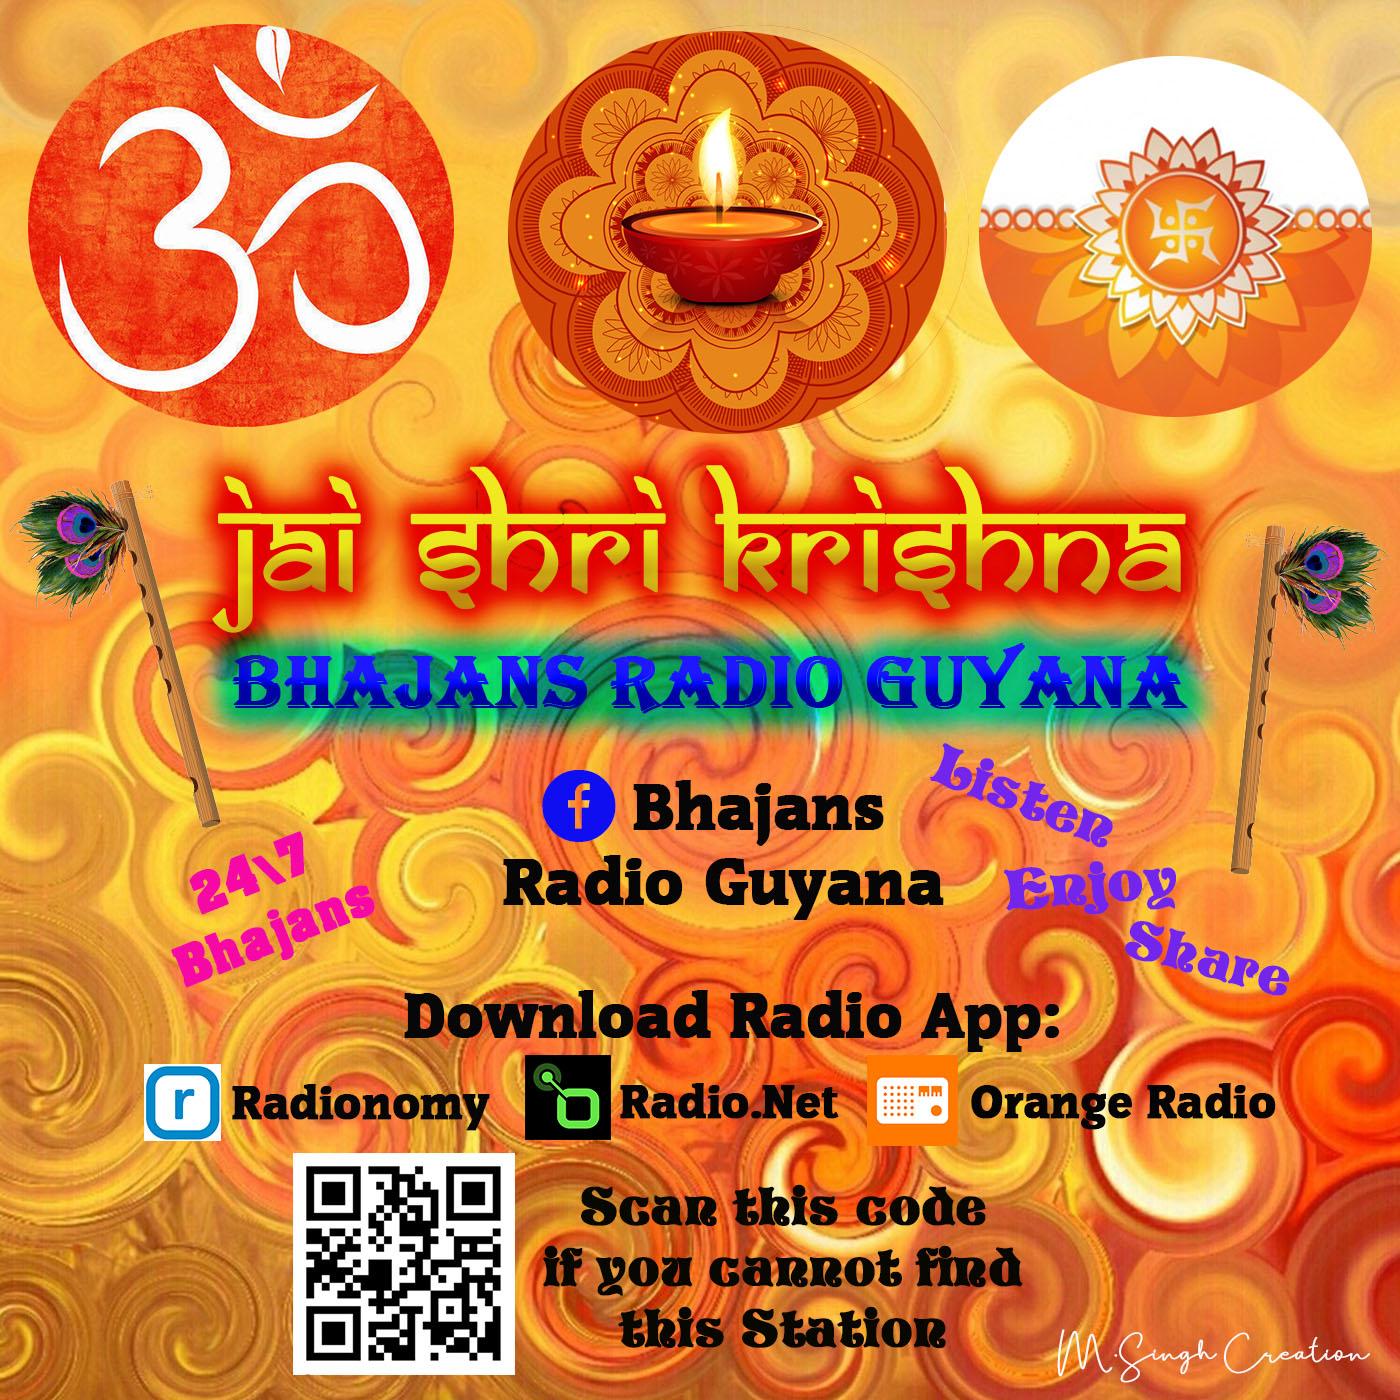 bhajans radio guyana